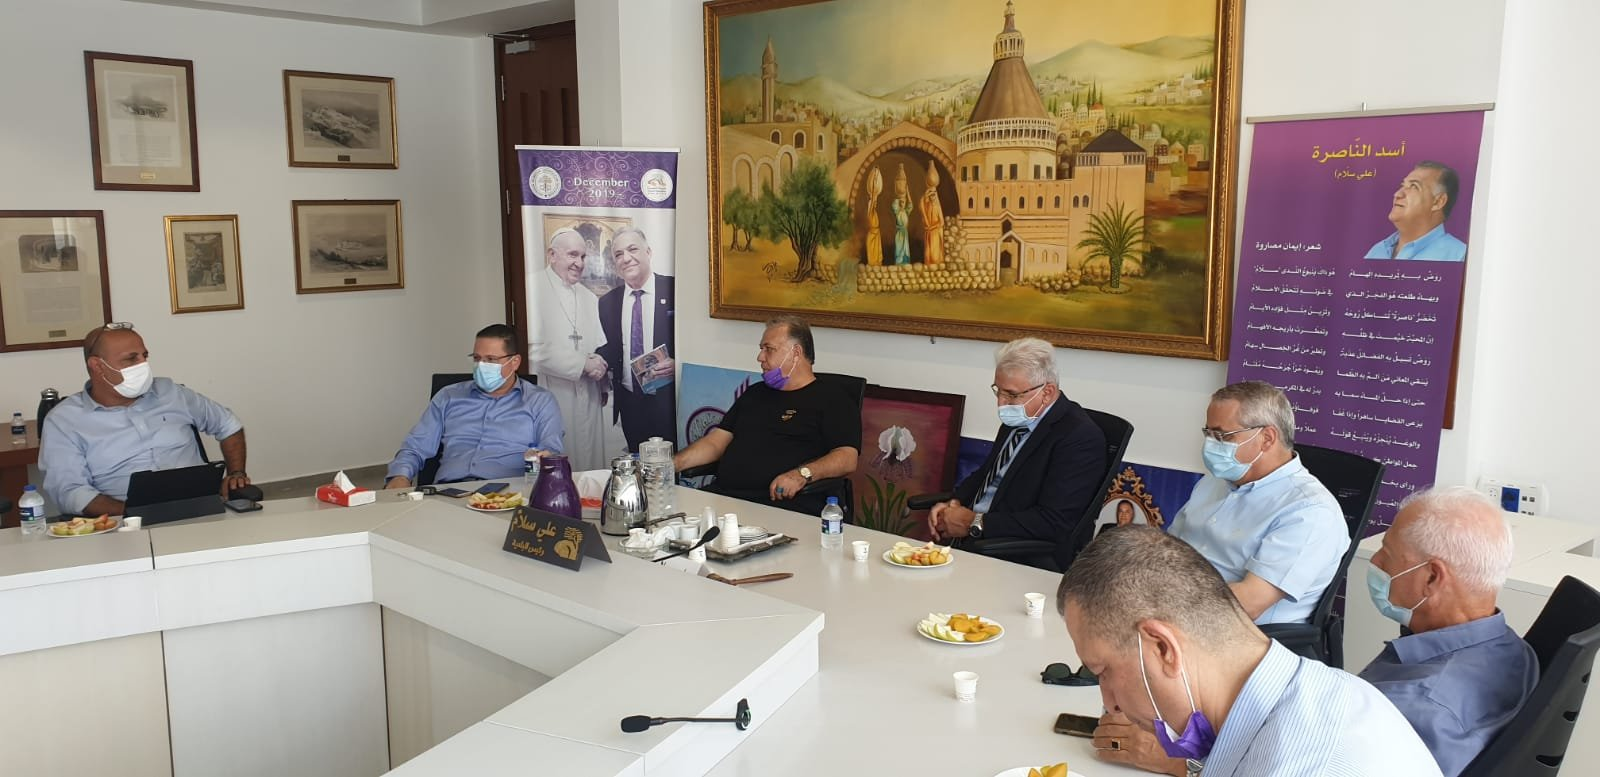 انطلاق مشروع المدارس الآمنة من الكورونا في الناصرة-4